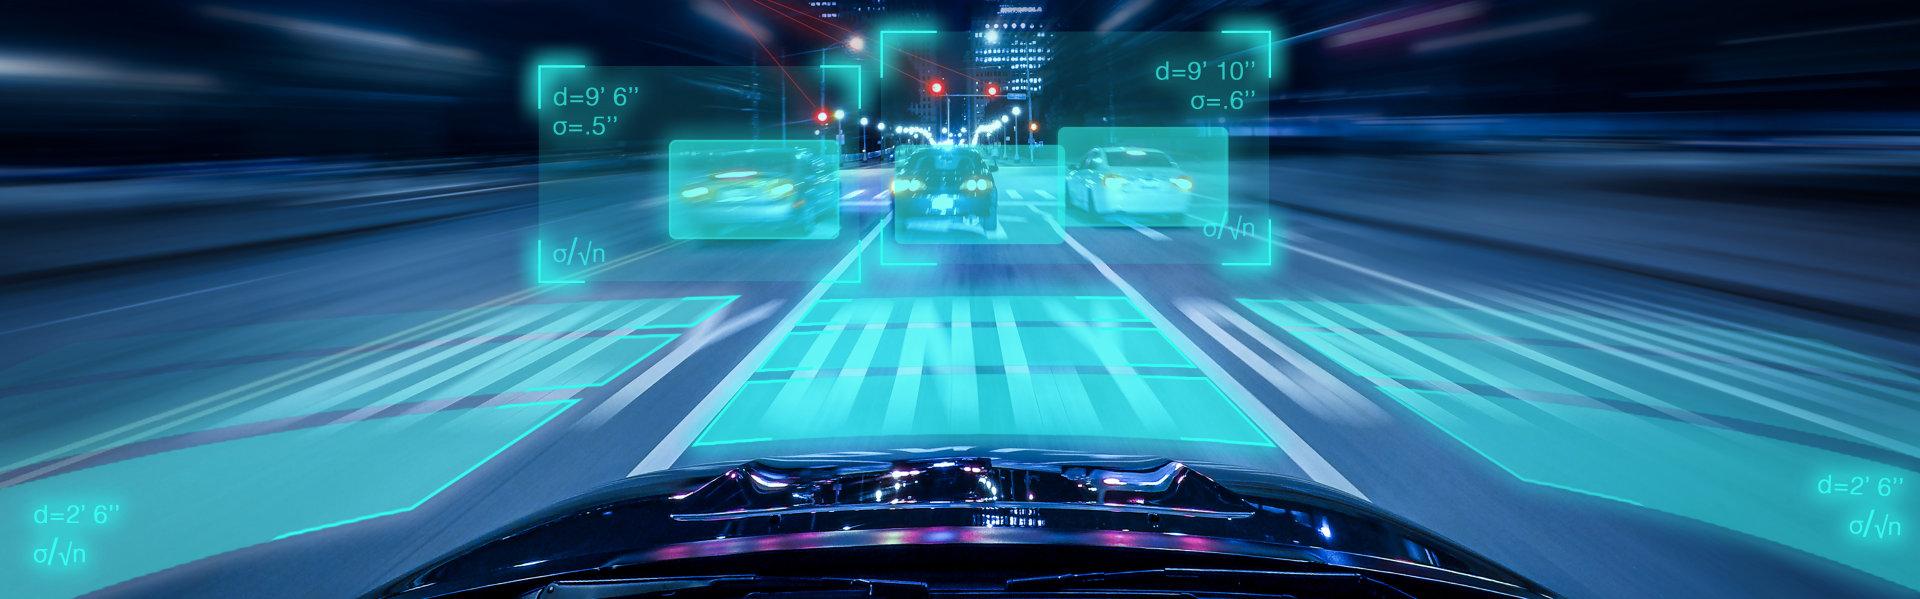 OSRAM verhoogt het comfort en de veiligheid van toekomstgerichte mobiliteit